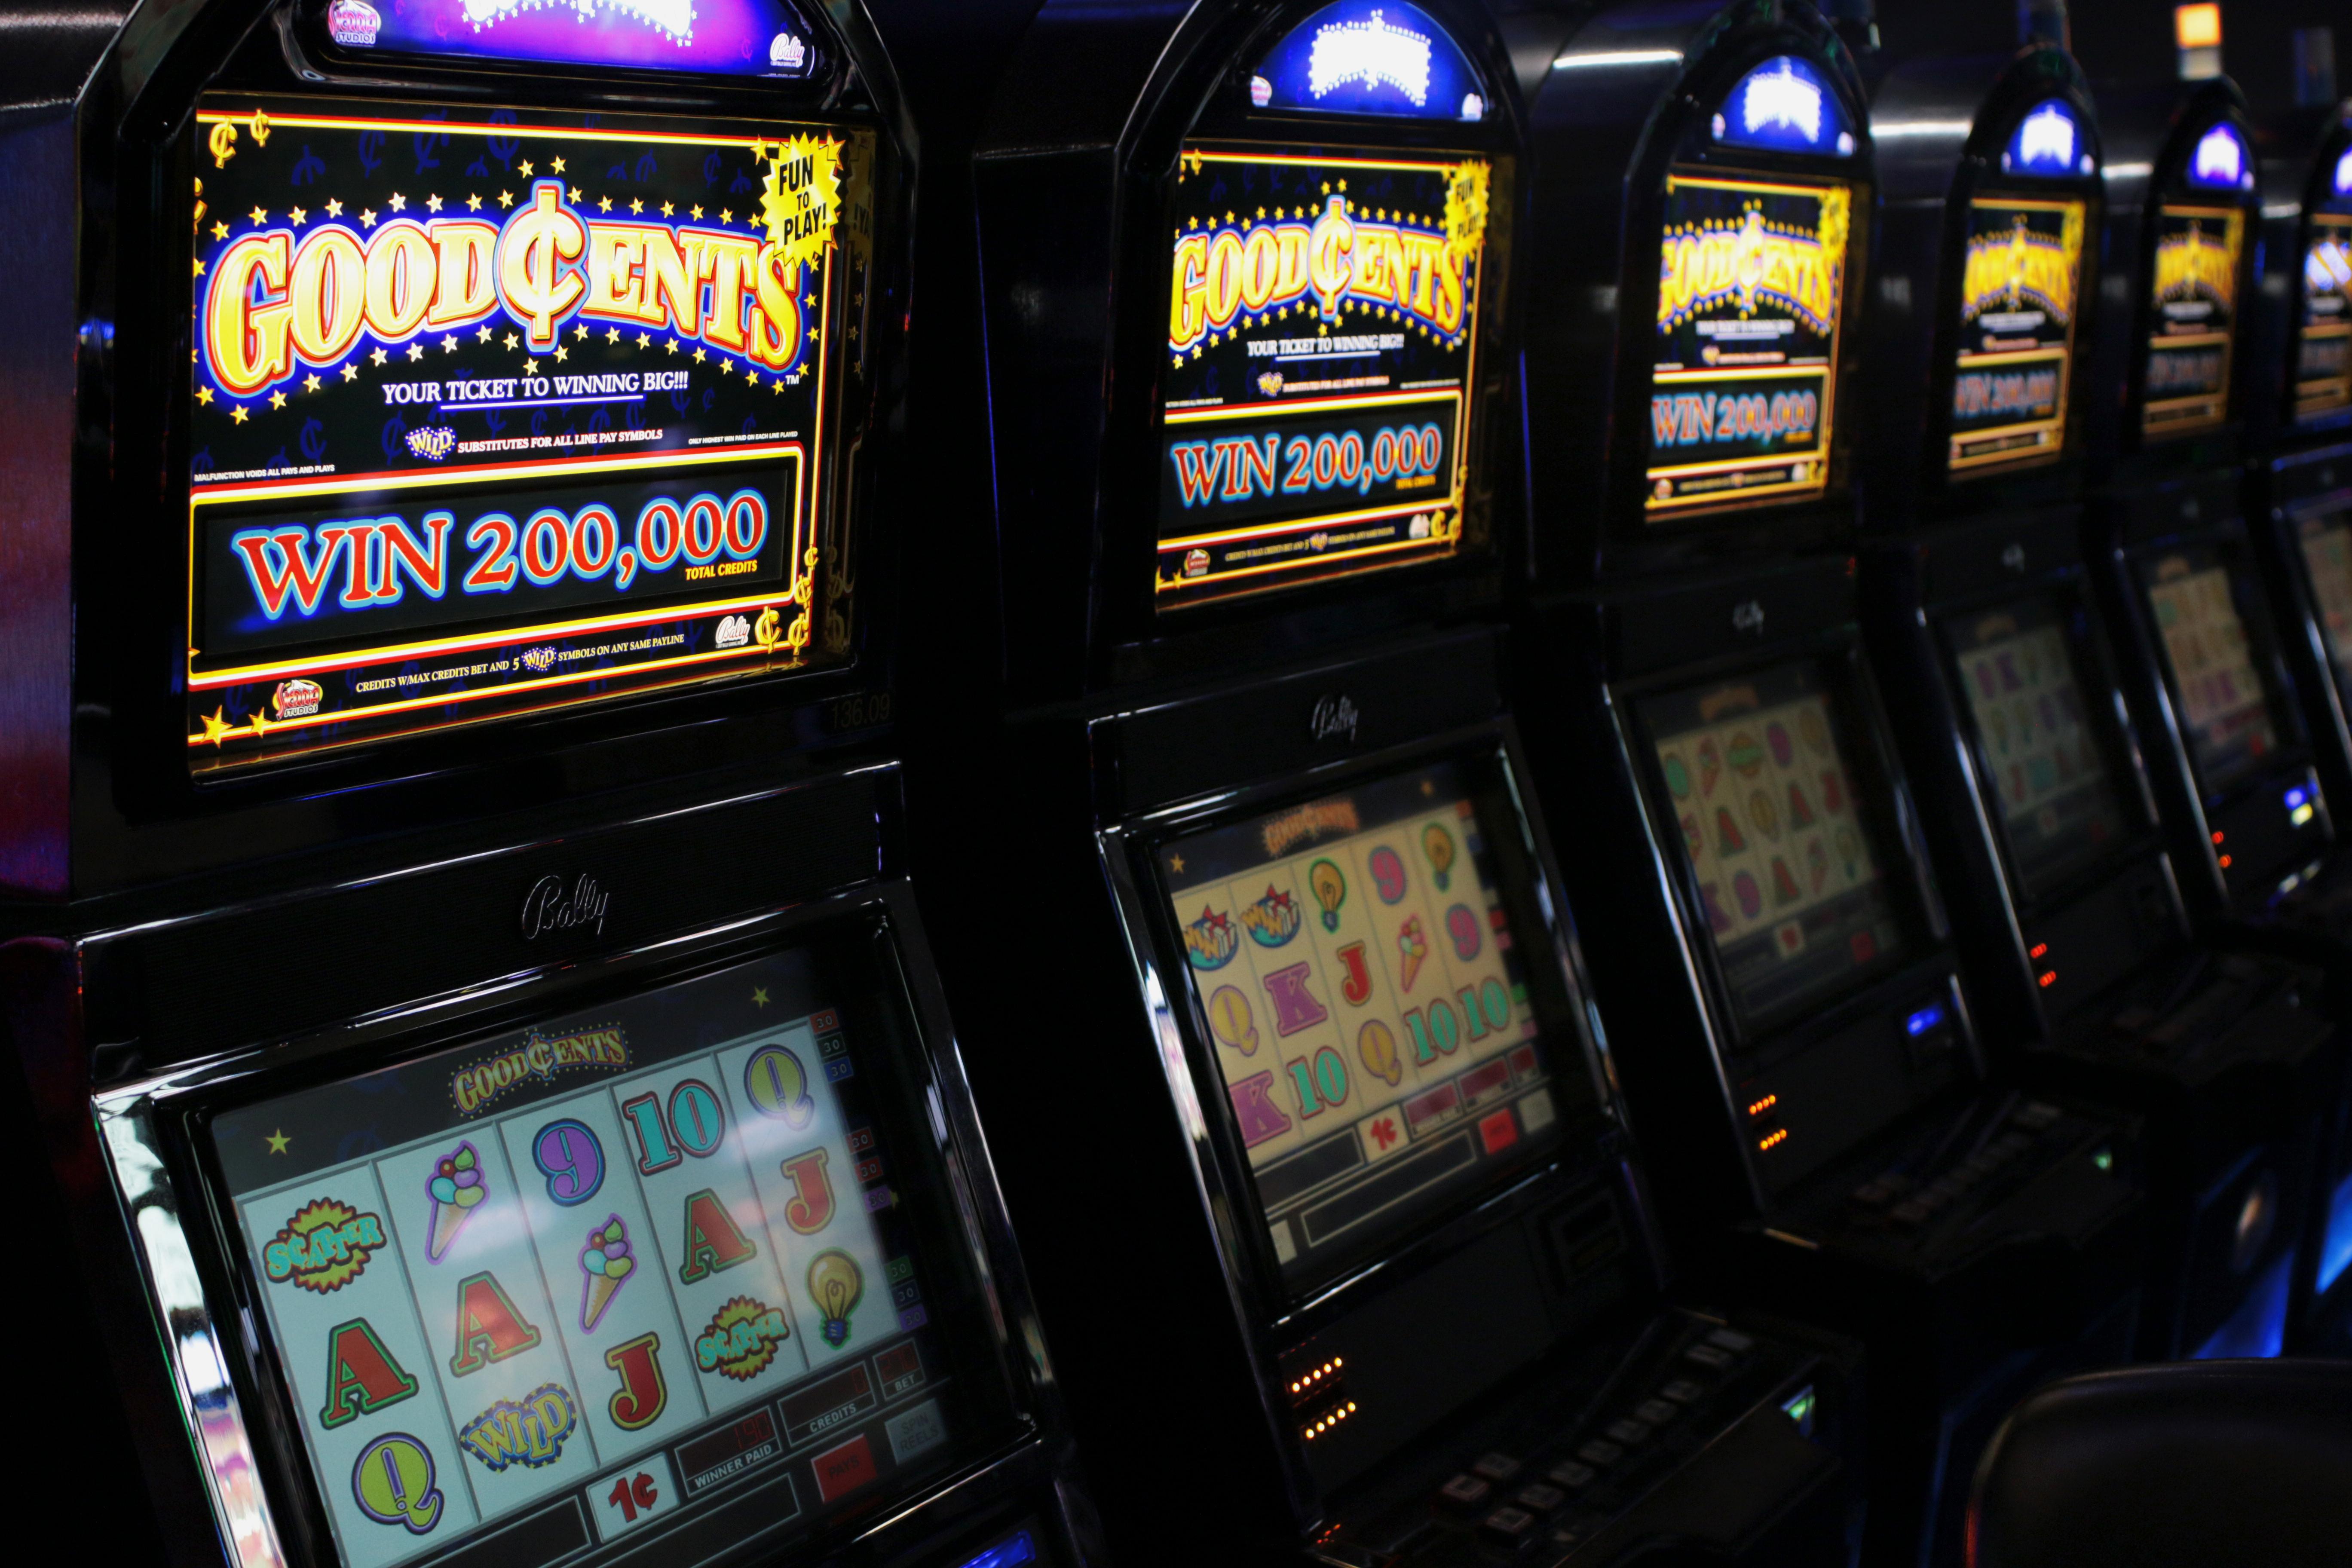 Jackpot grand casino usa casino keine anzahlung kostenlos